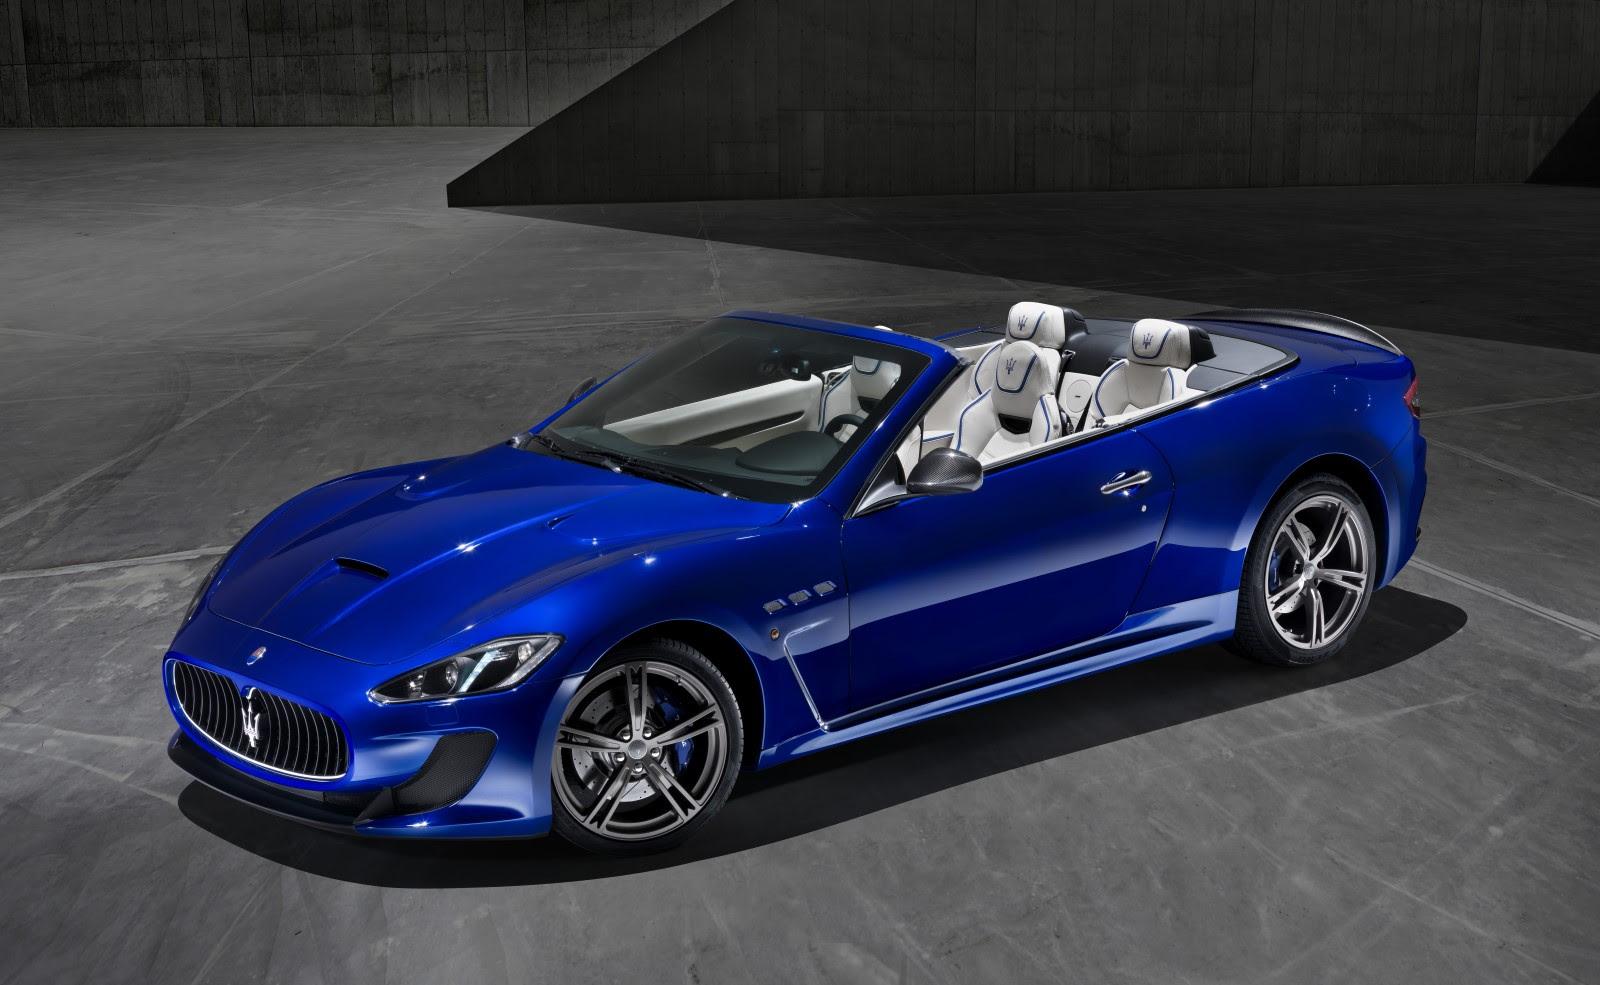 2014 Maserati GranTurismo Review, Ratings, Specs, Prices ...